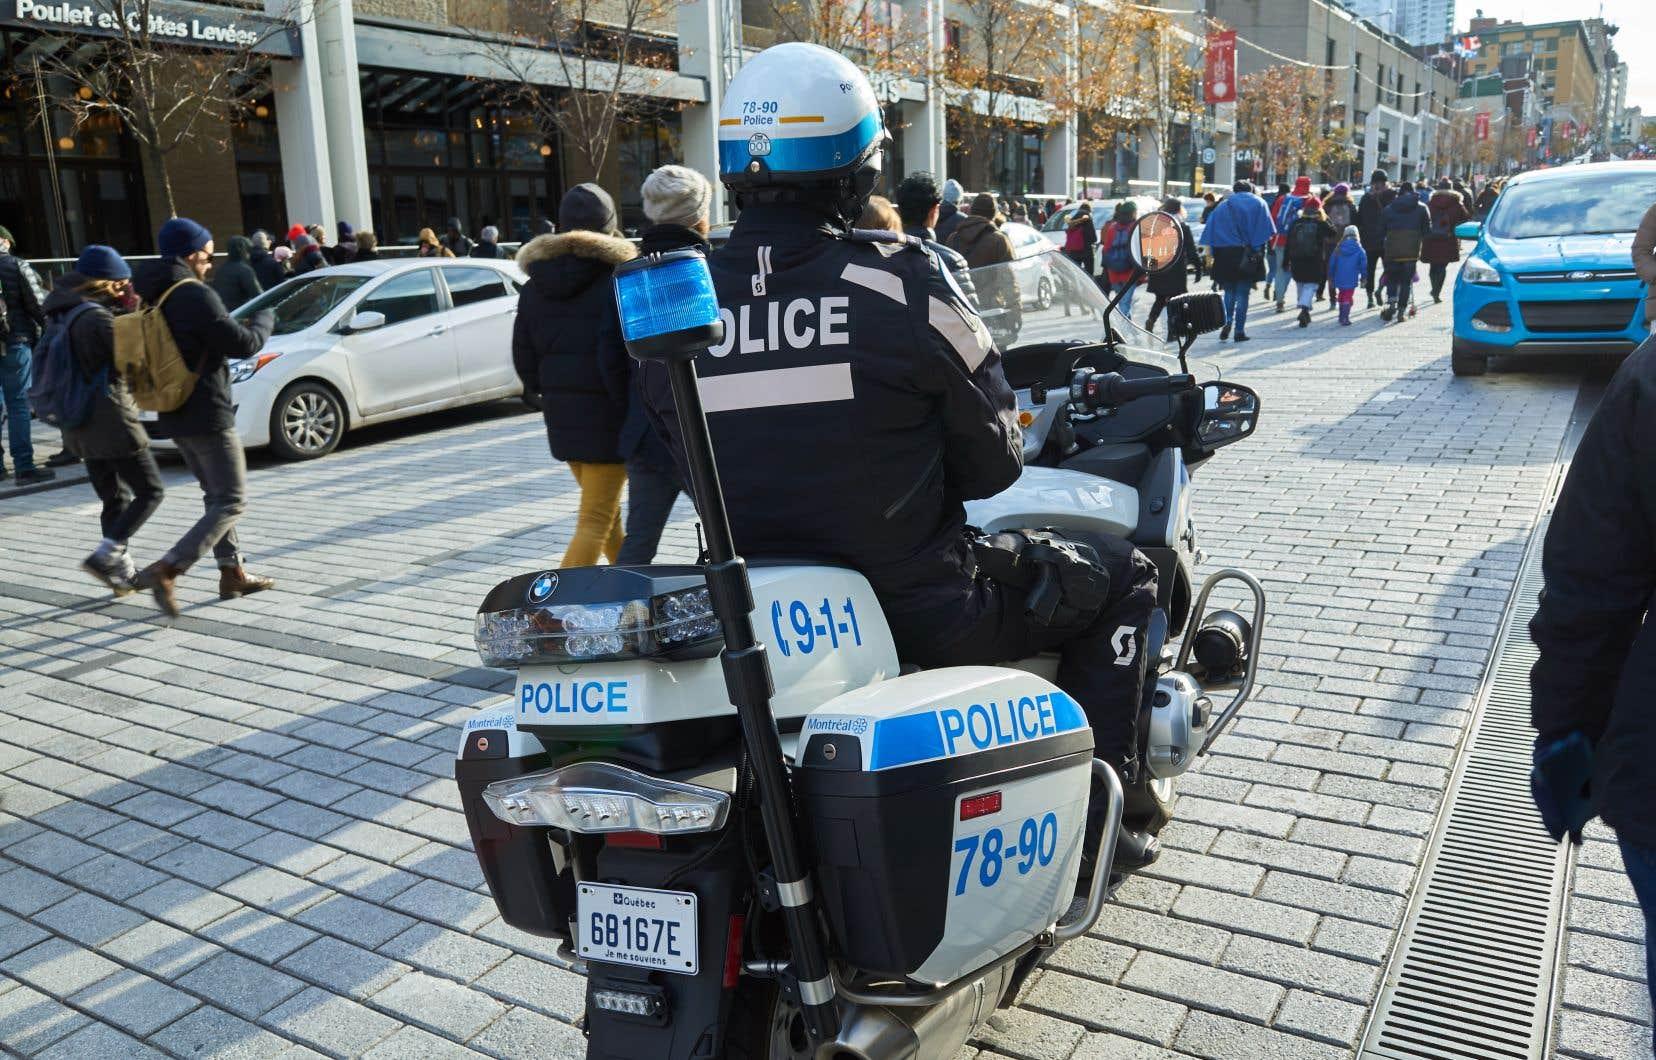 «Les autorités s'en remettent de plus en plus au droit pénal et criminel et à la sécurité publique pour